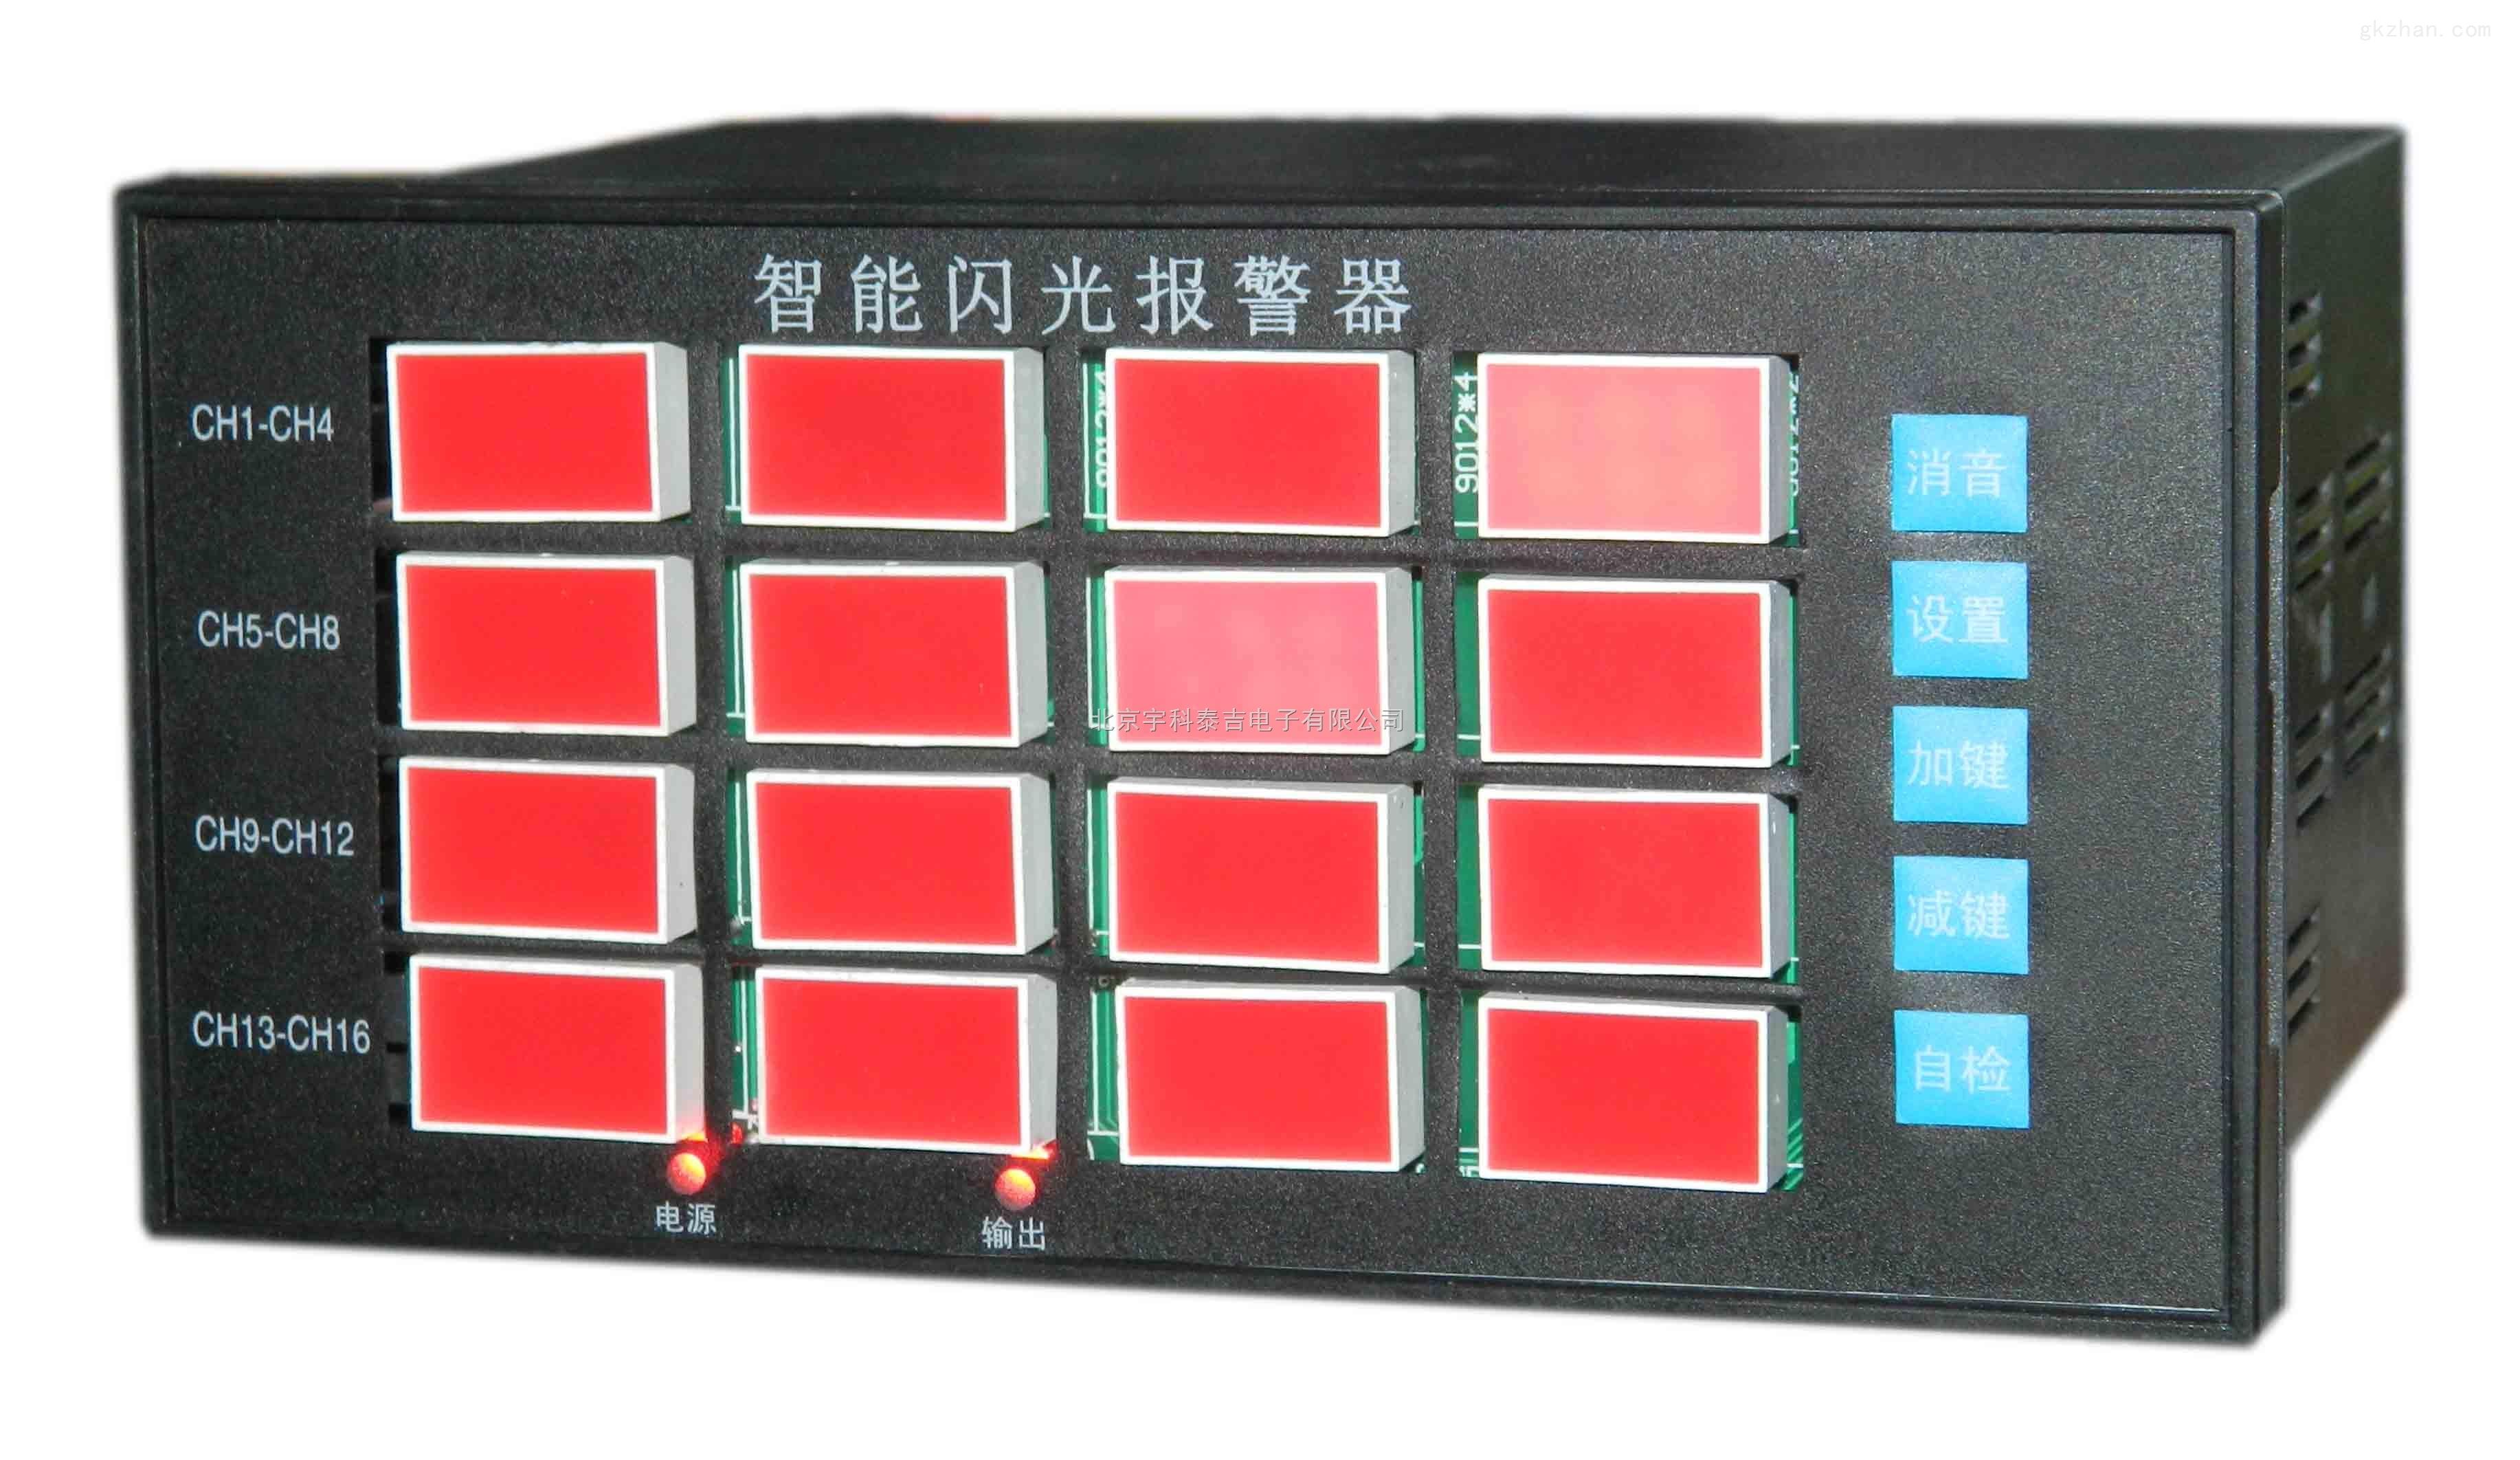 宇科泰吉YK-700A-J1-S-16-K智能16通道通讯RS485闪光报警器